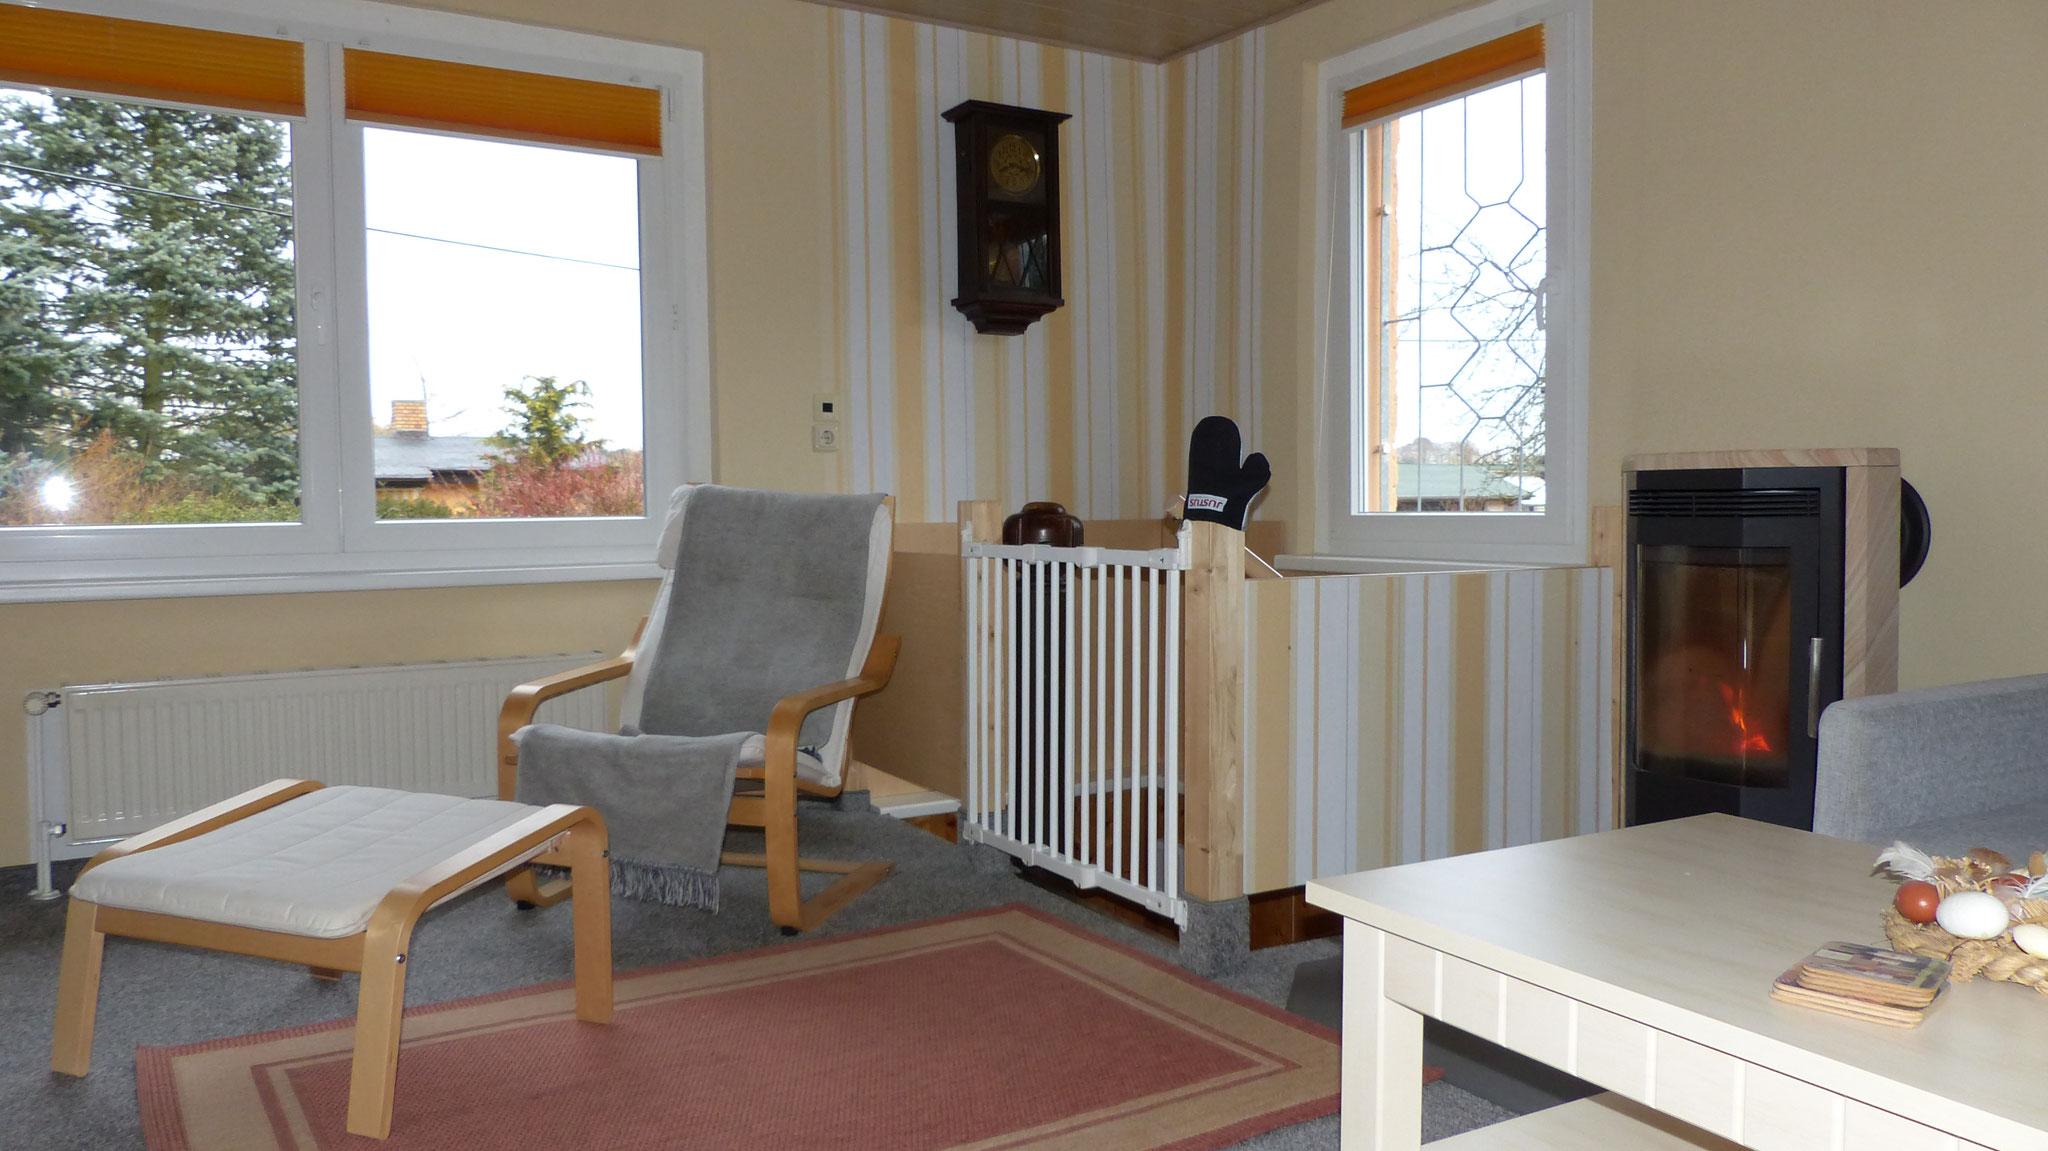 Wohnzimmer mit Treppe zum Untergeschoss